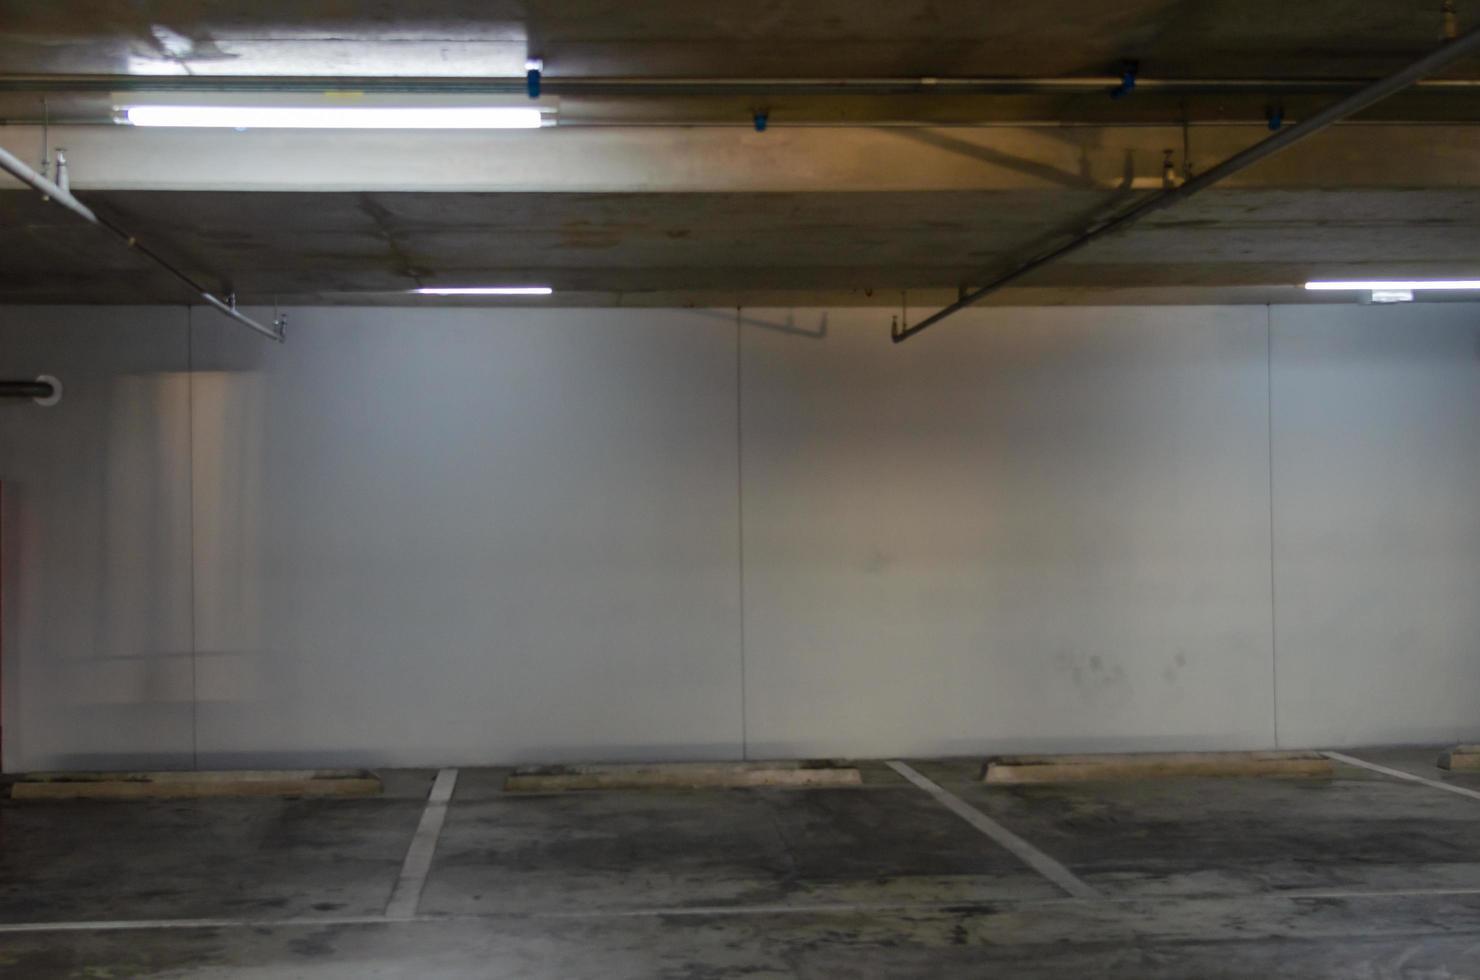 un parking vide se trouve à l'intérieur d'un bâtiment photo